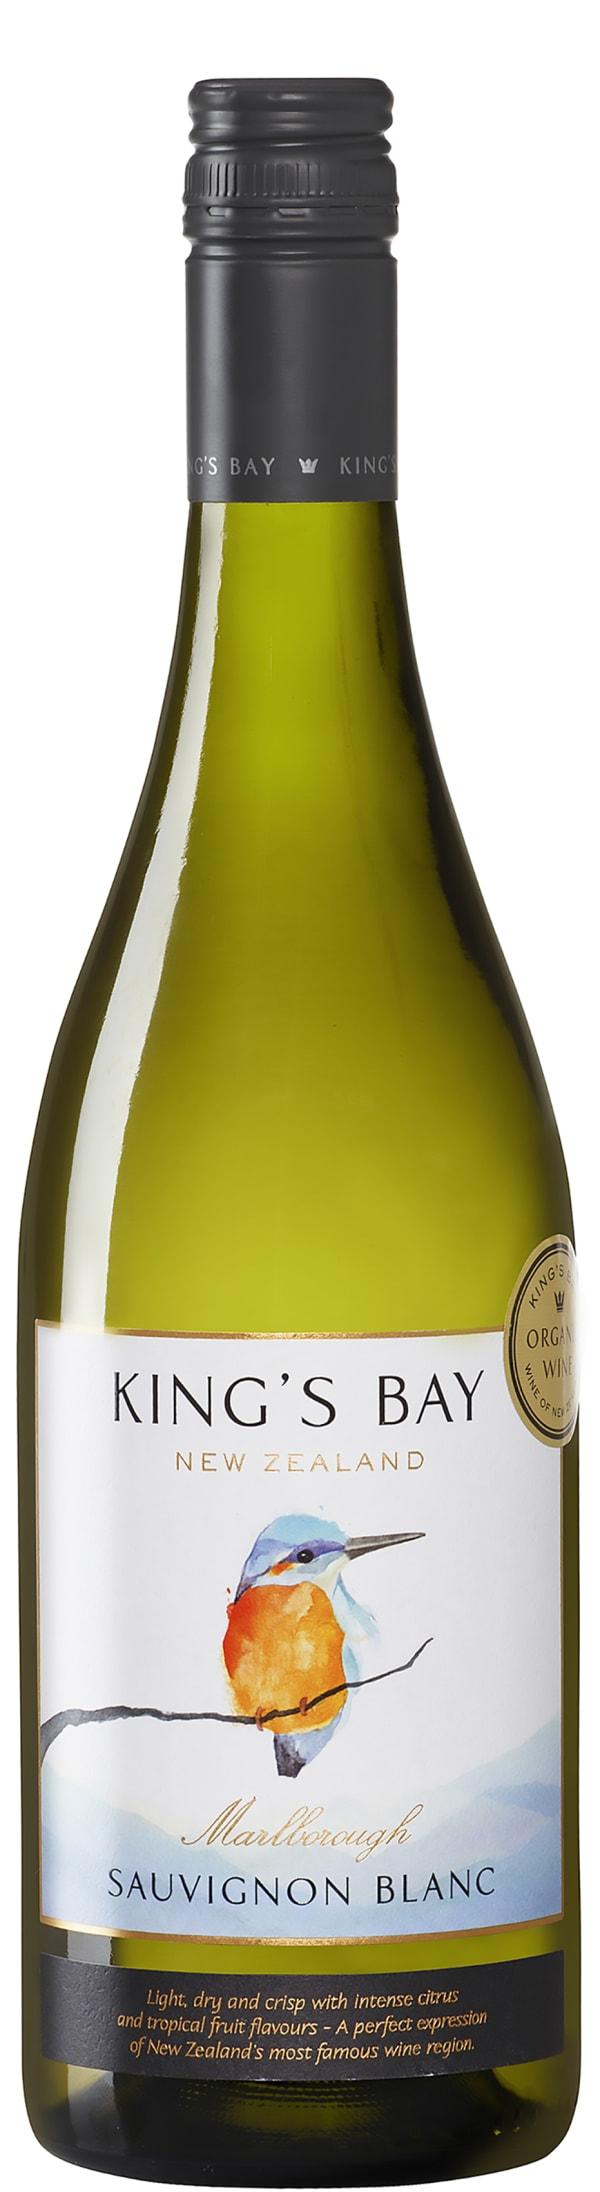 King's Bay Sauvignon Blanc  2016